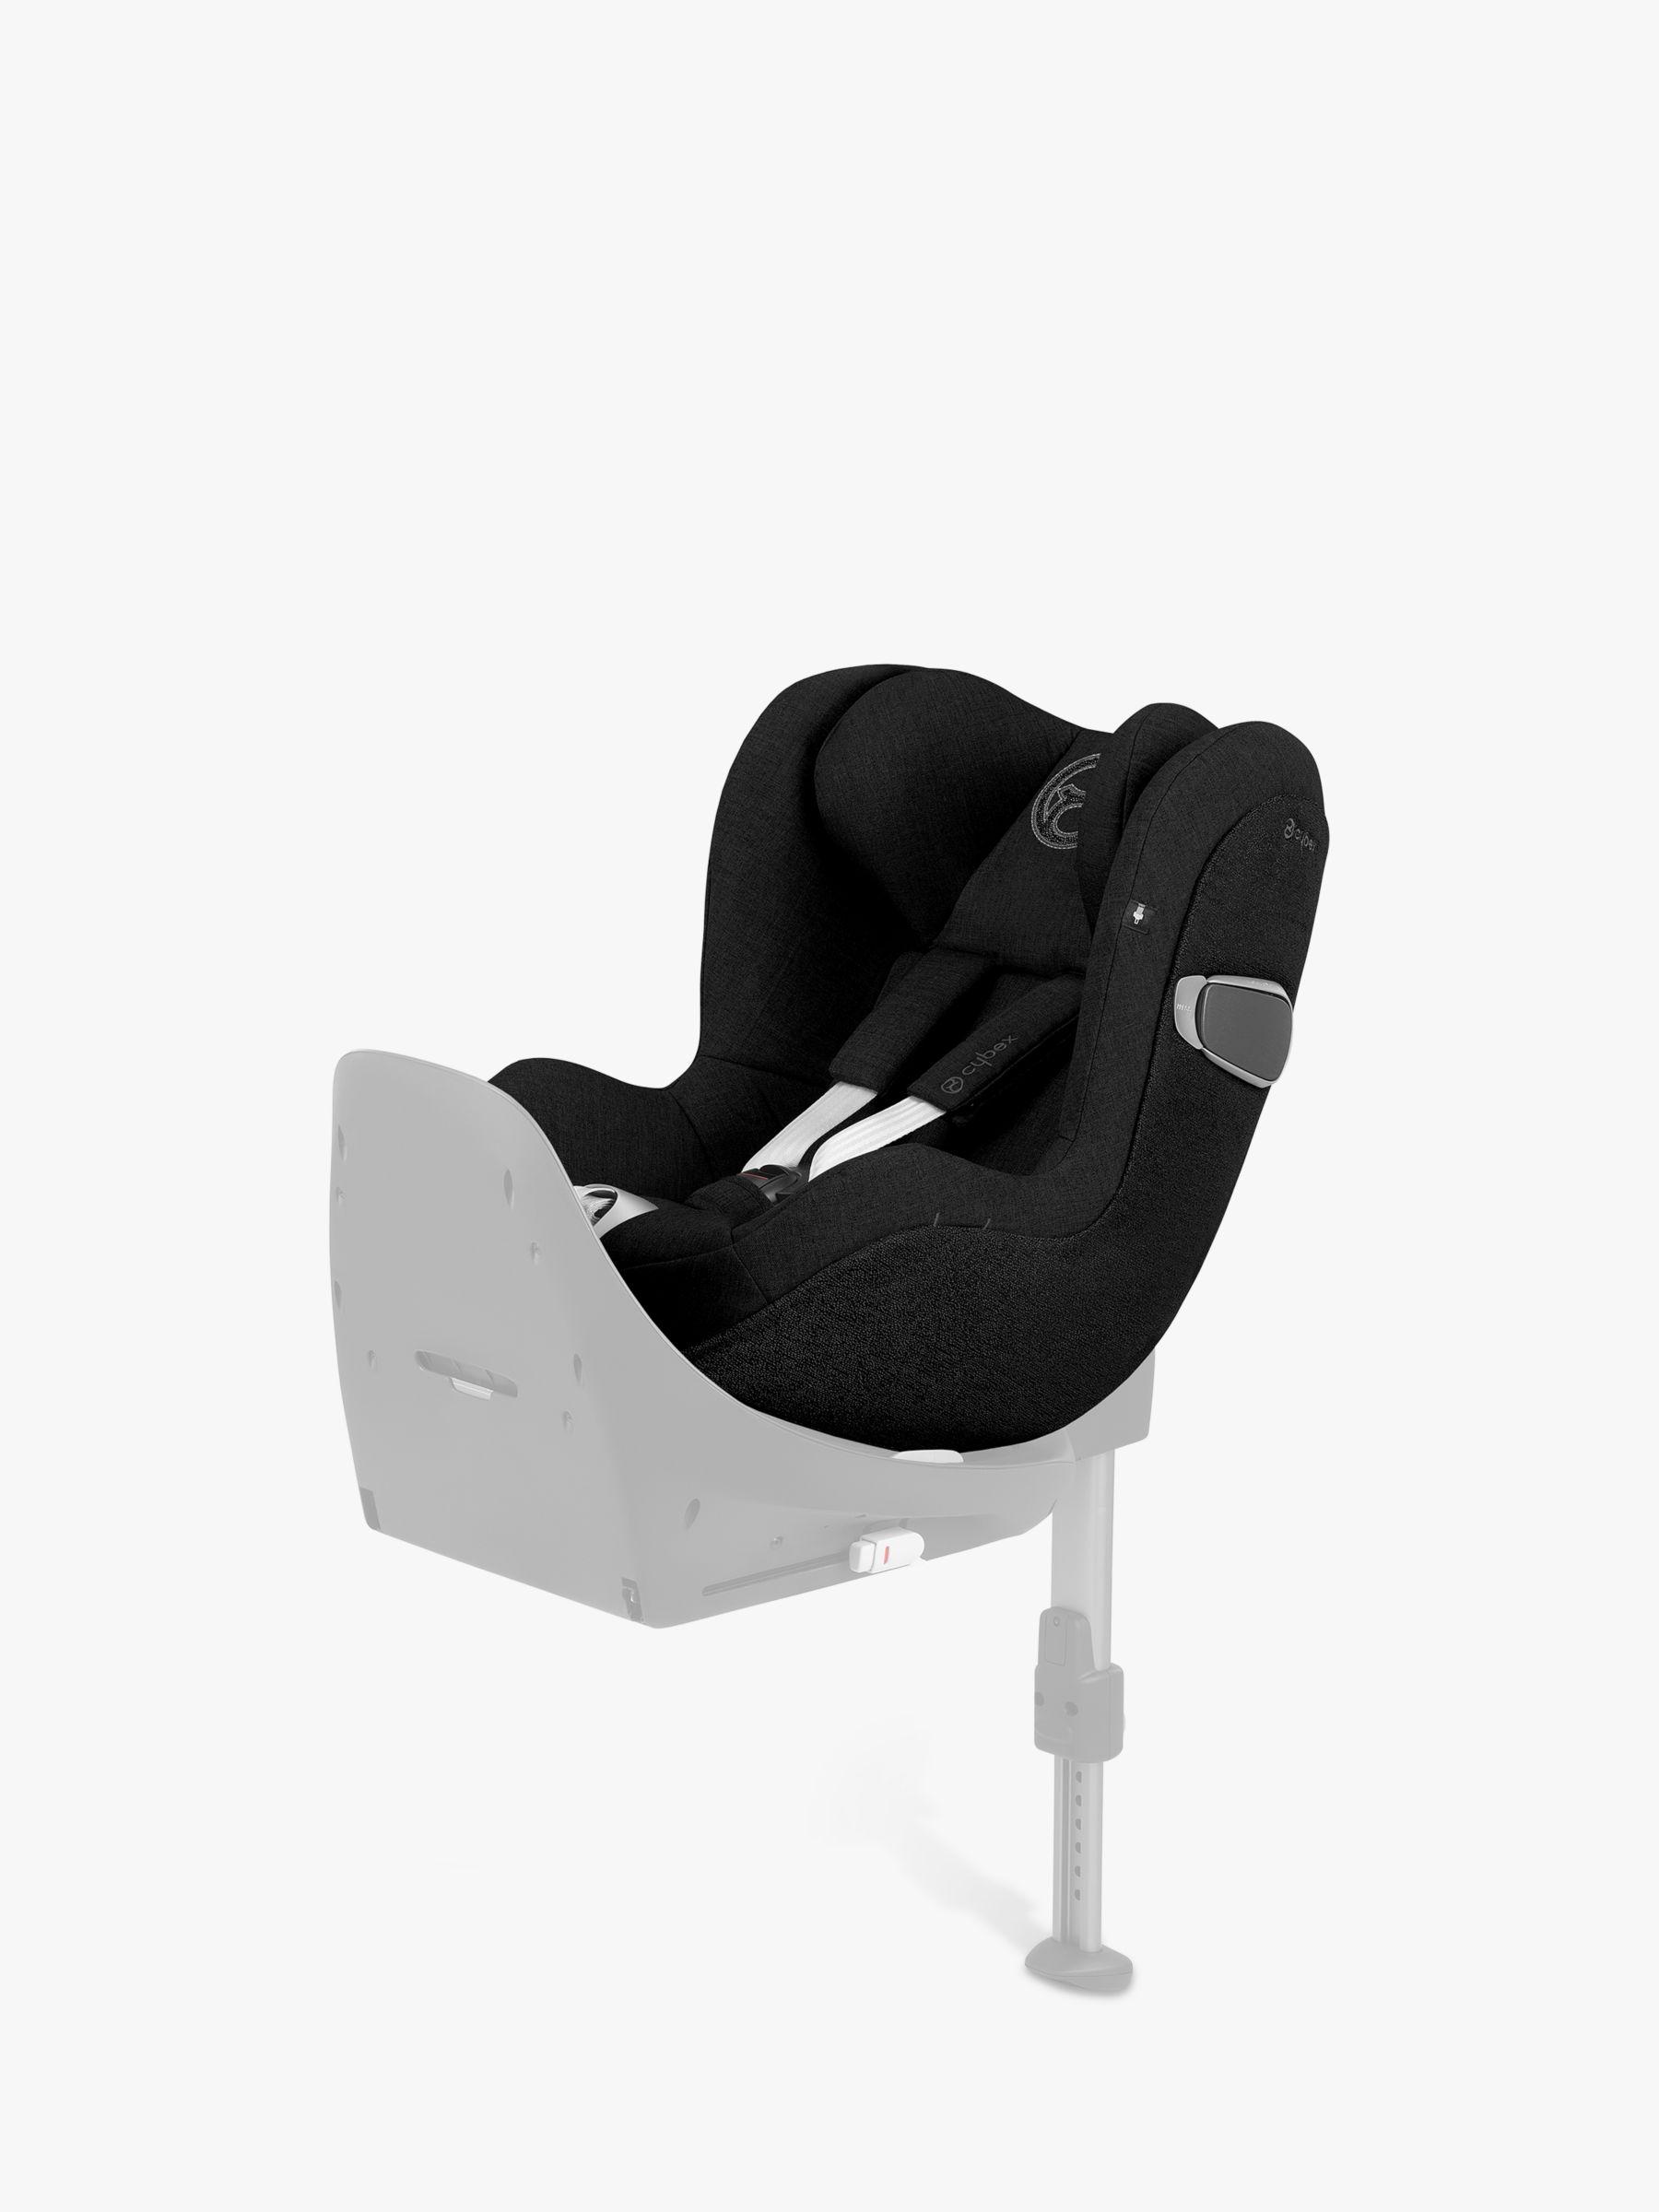 Cybex Cybex Sirona Z i-Size Group 0+/1 Car Seat, Deep Black